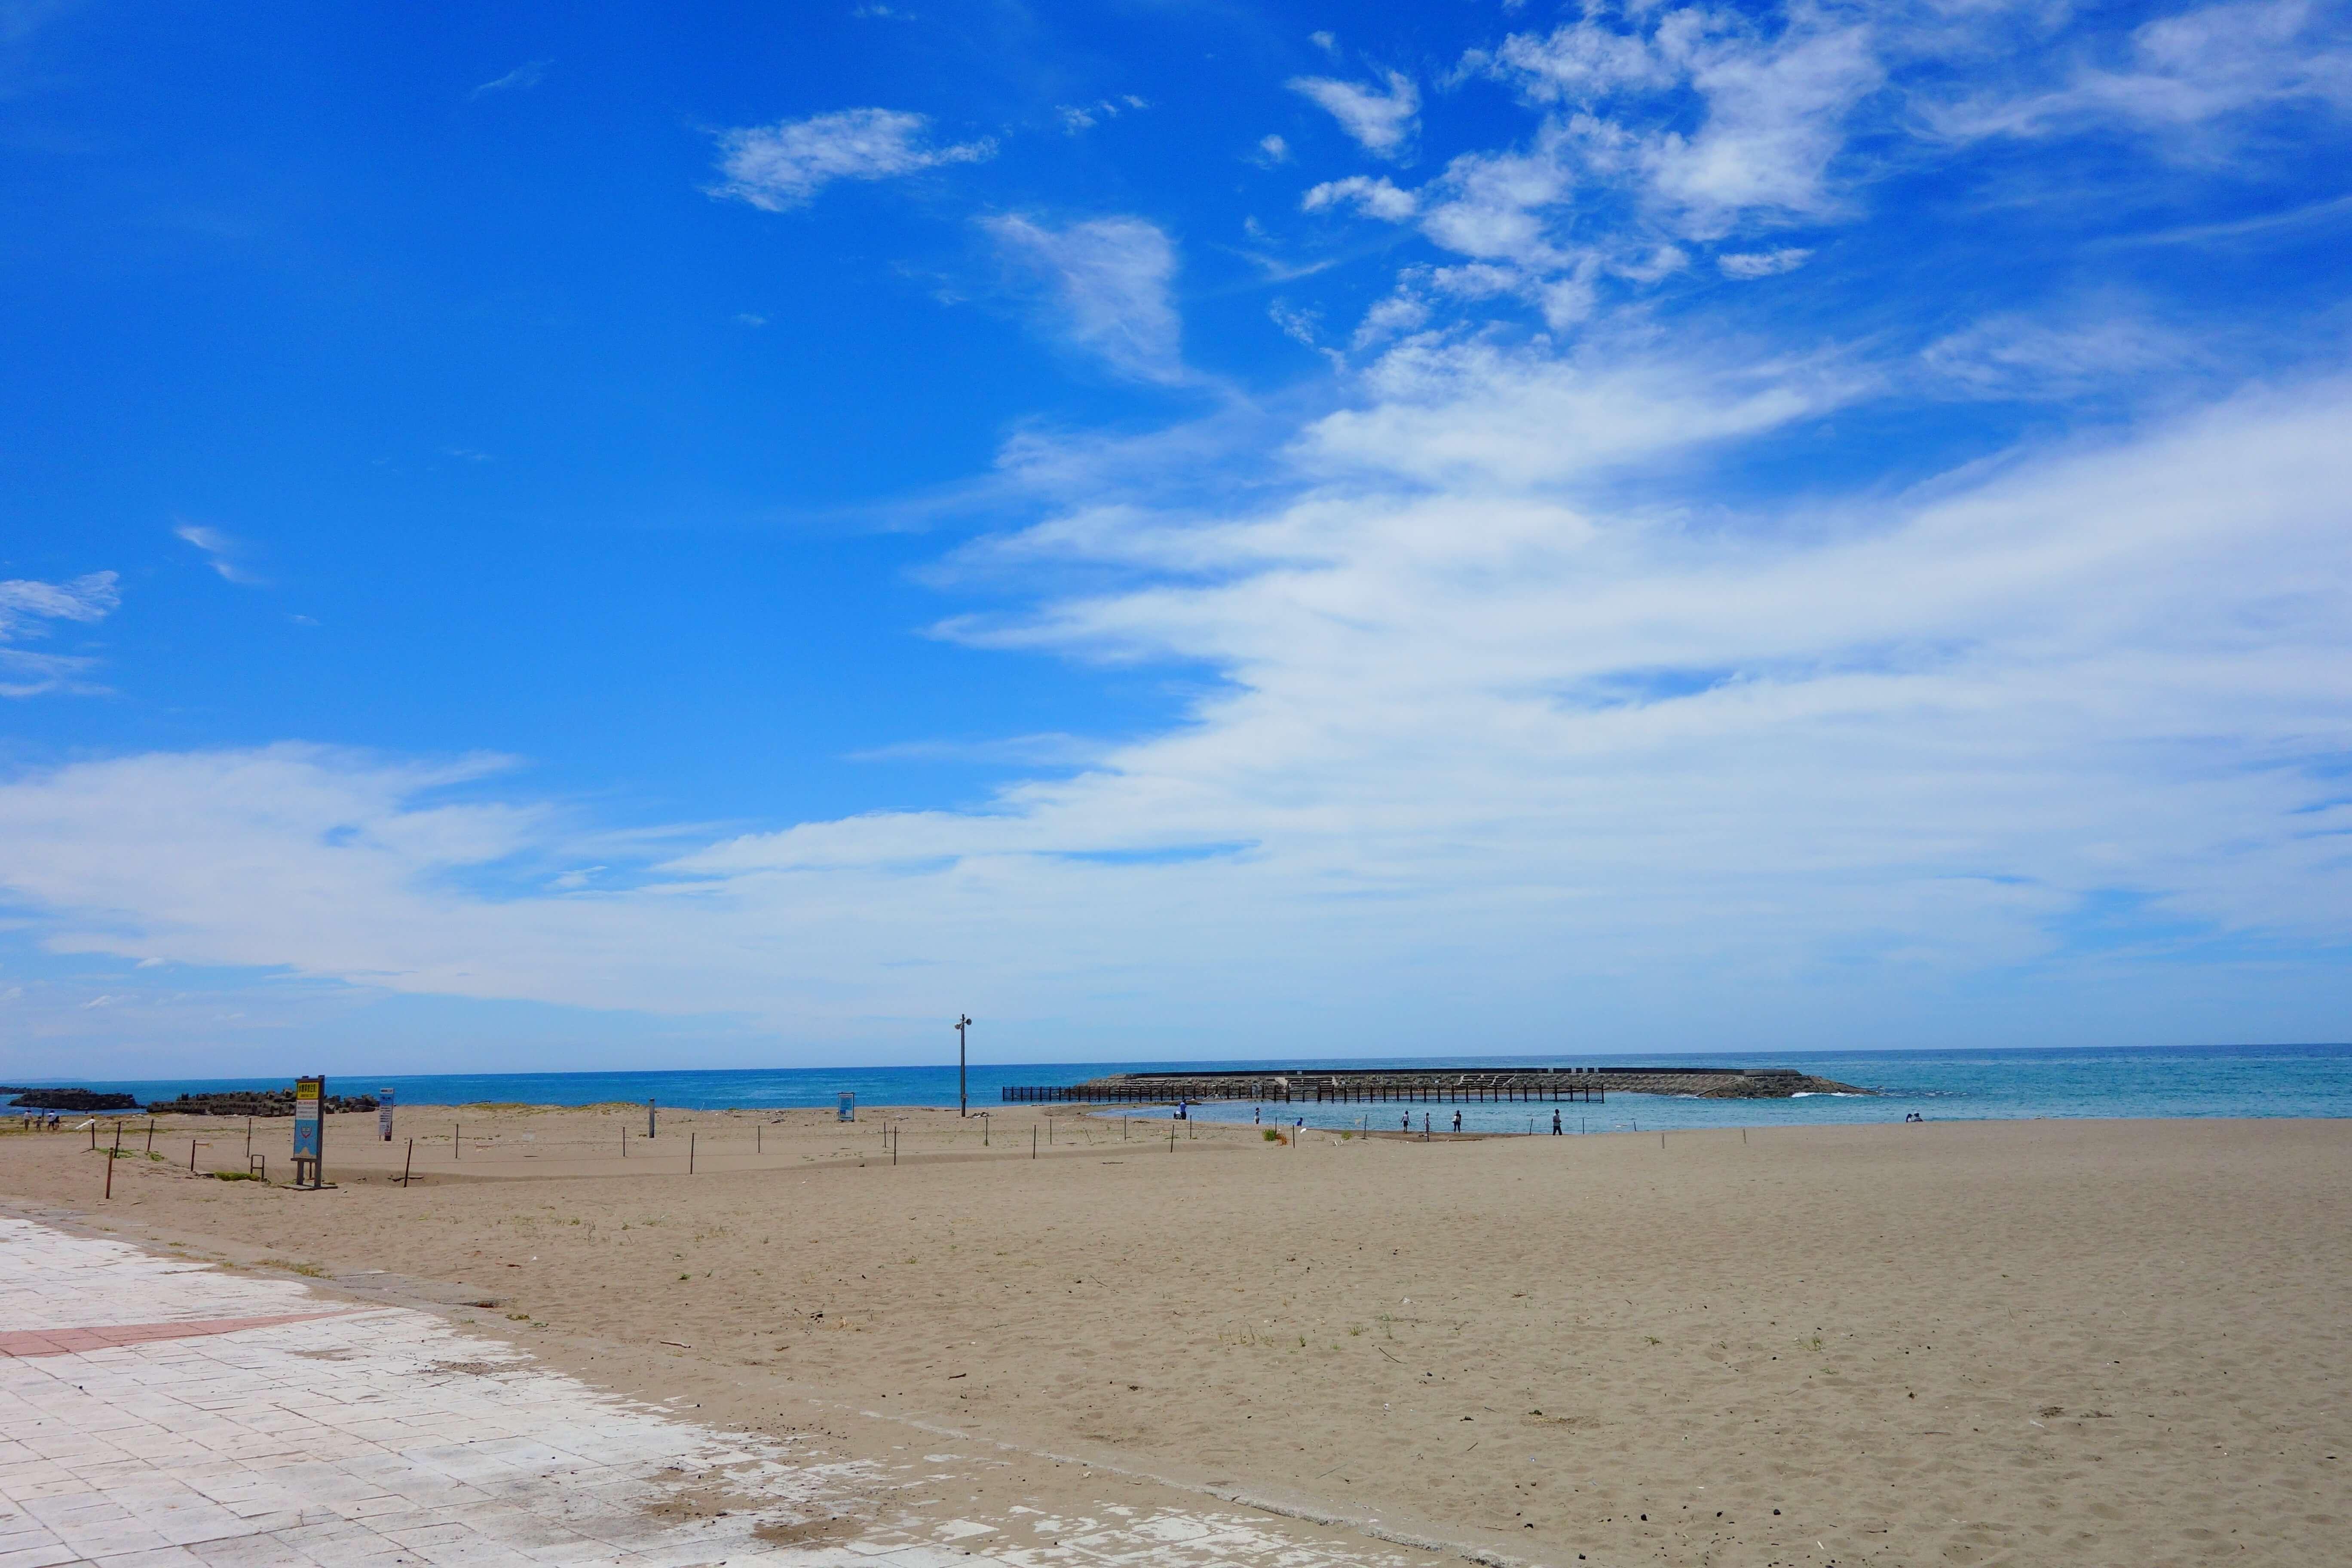 徳光海水浴場|白山市で子どもとの夏の思い出をサイコーにしませんか?